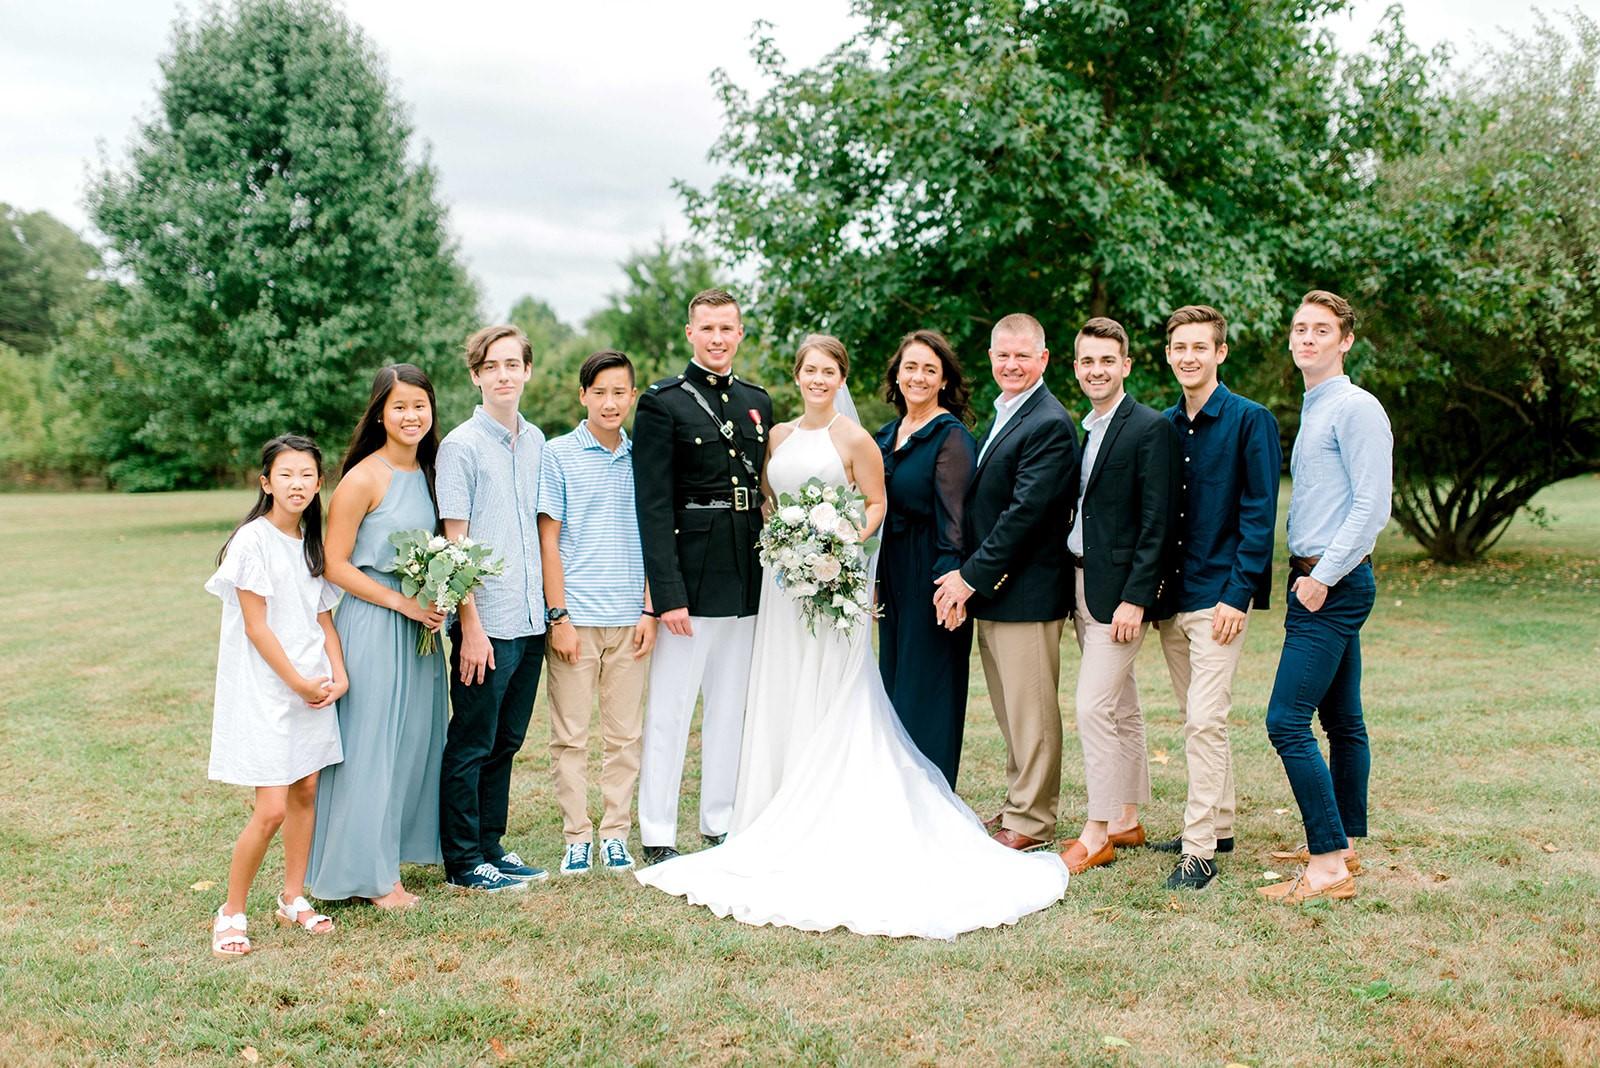 Dave Konkol Family Photo